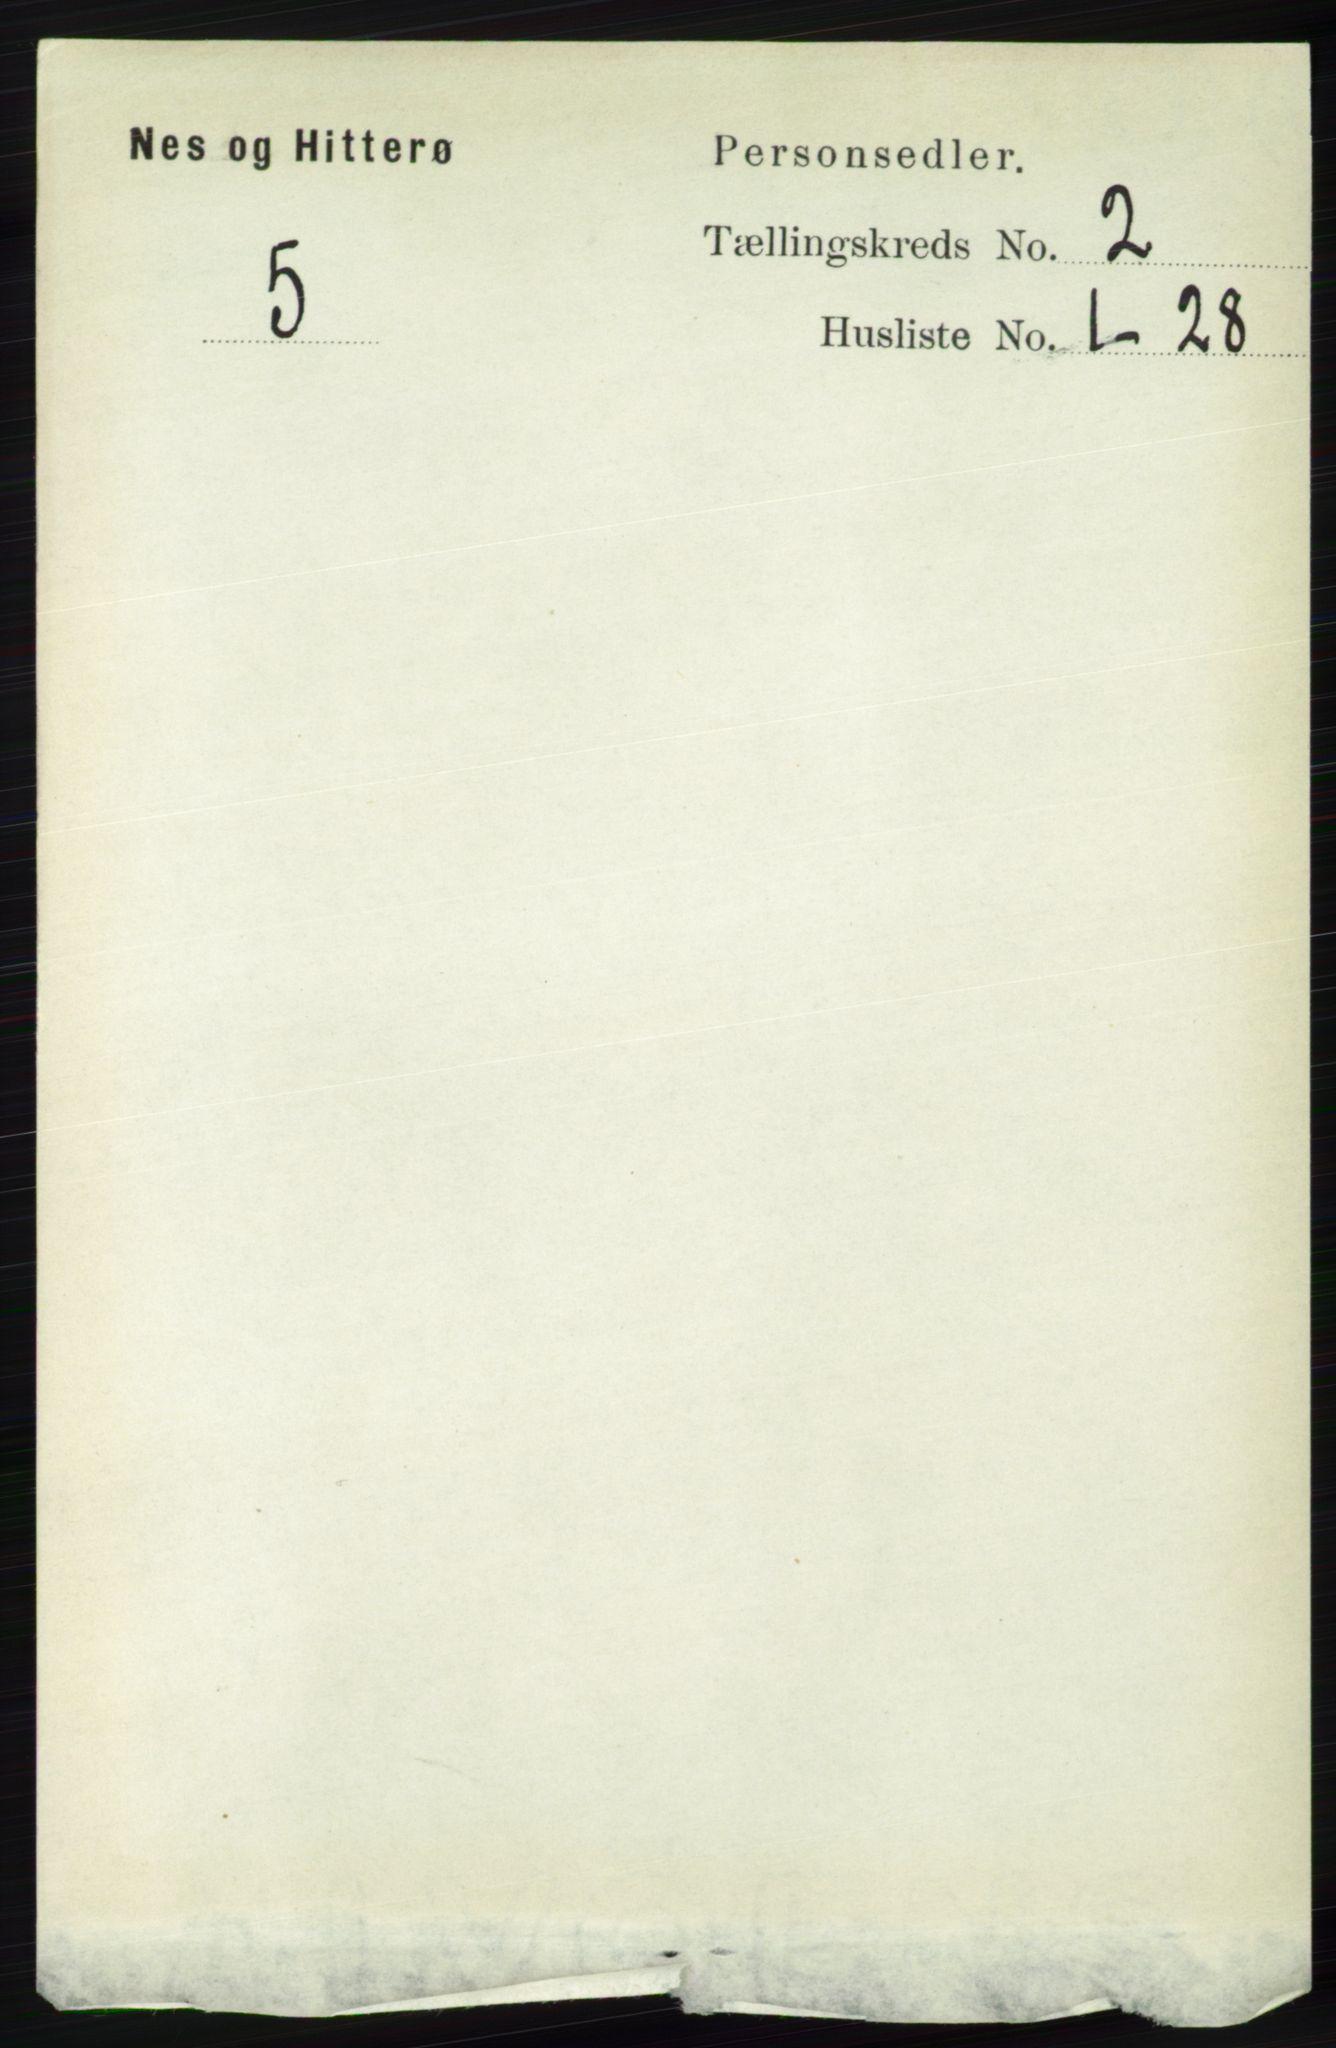 RA, Folketelling 1891 for 1043 Hidra og Nes herred, 1891, s. 533